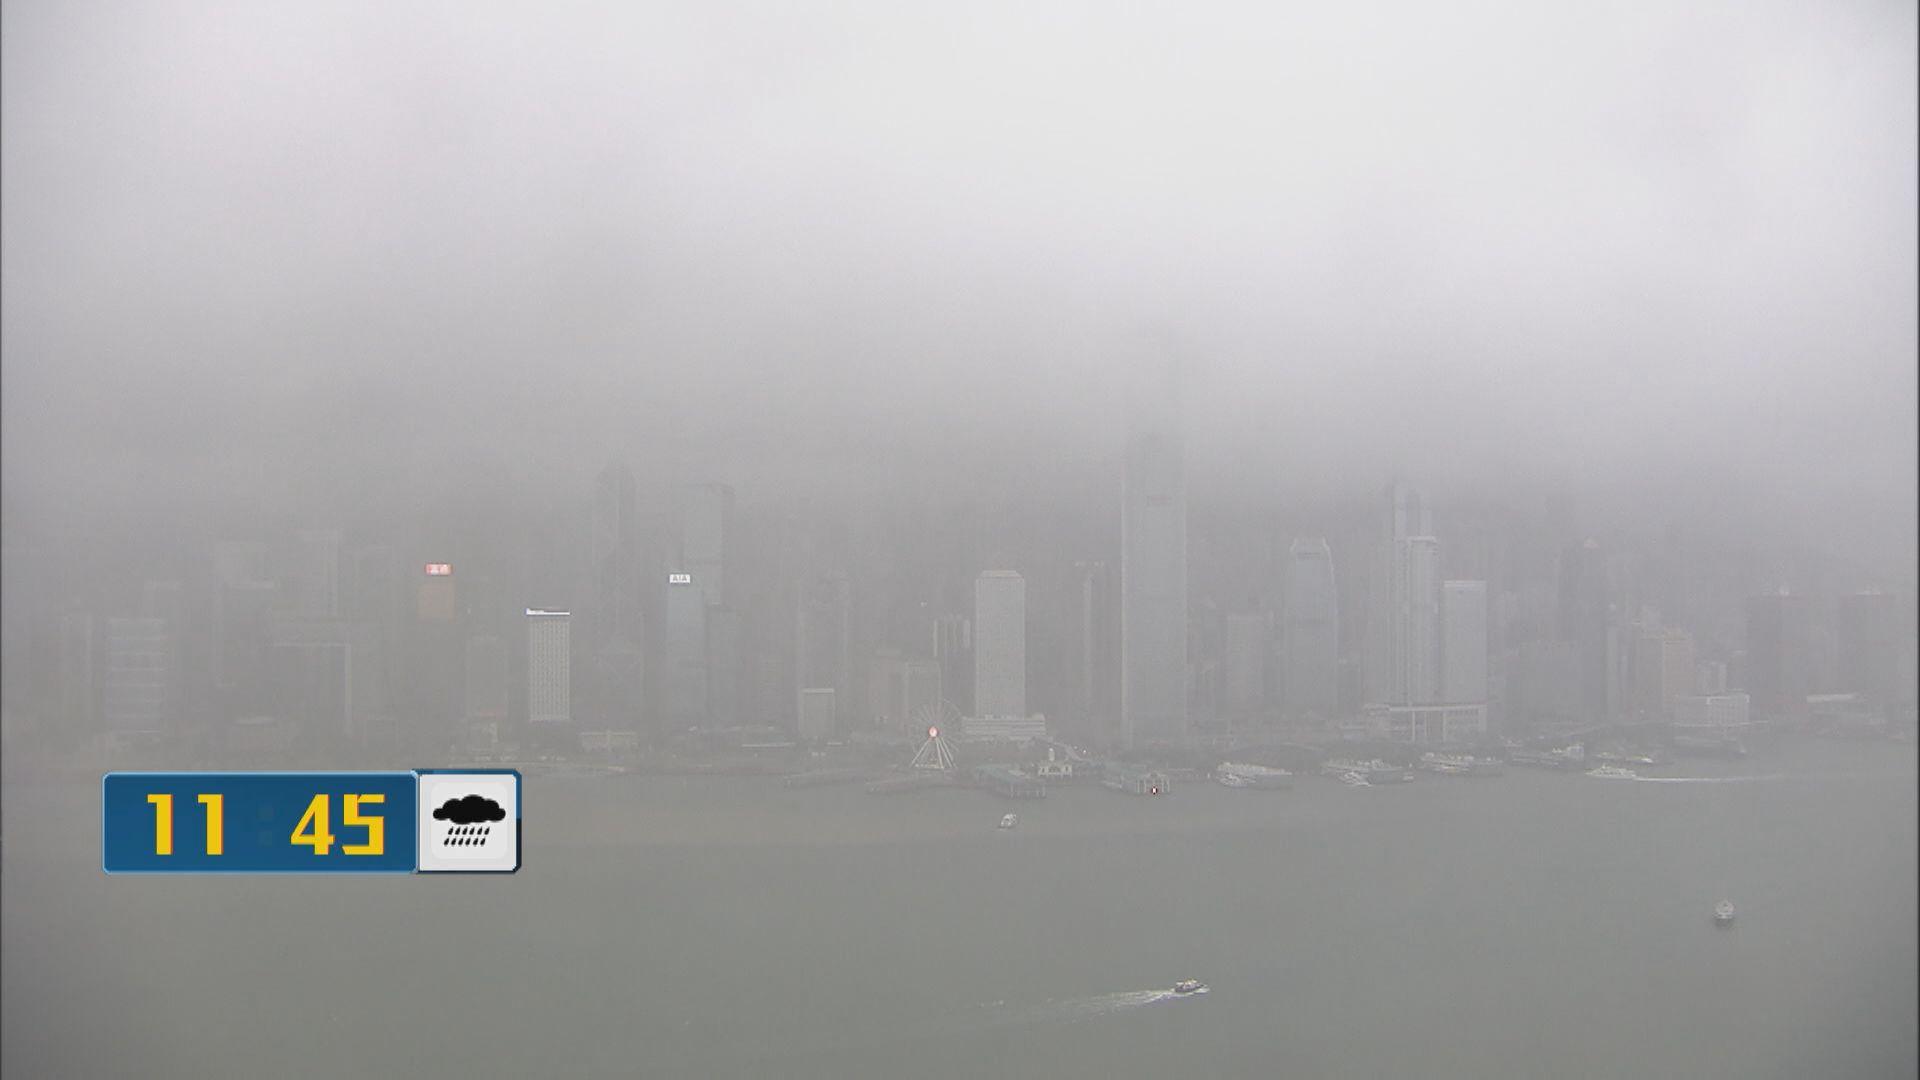 天文台解釋上午未達雨量標準致未有提升暴雨警告級別